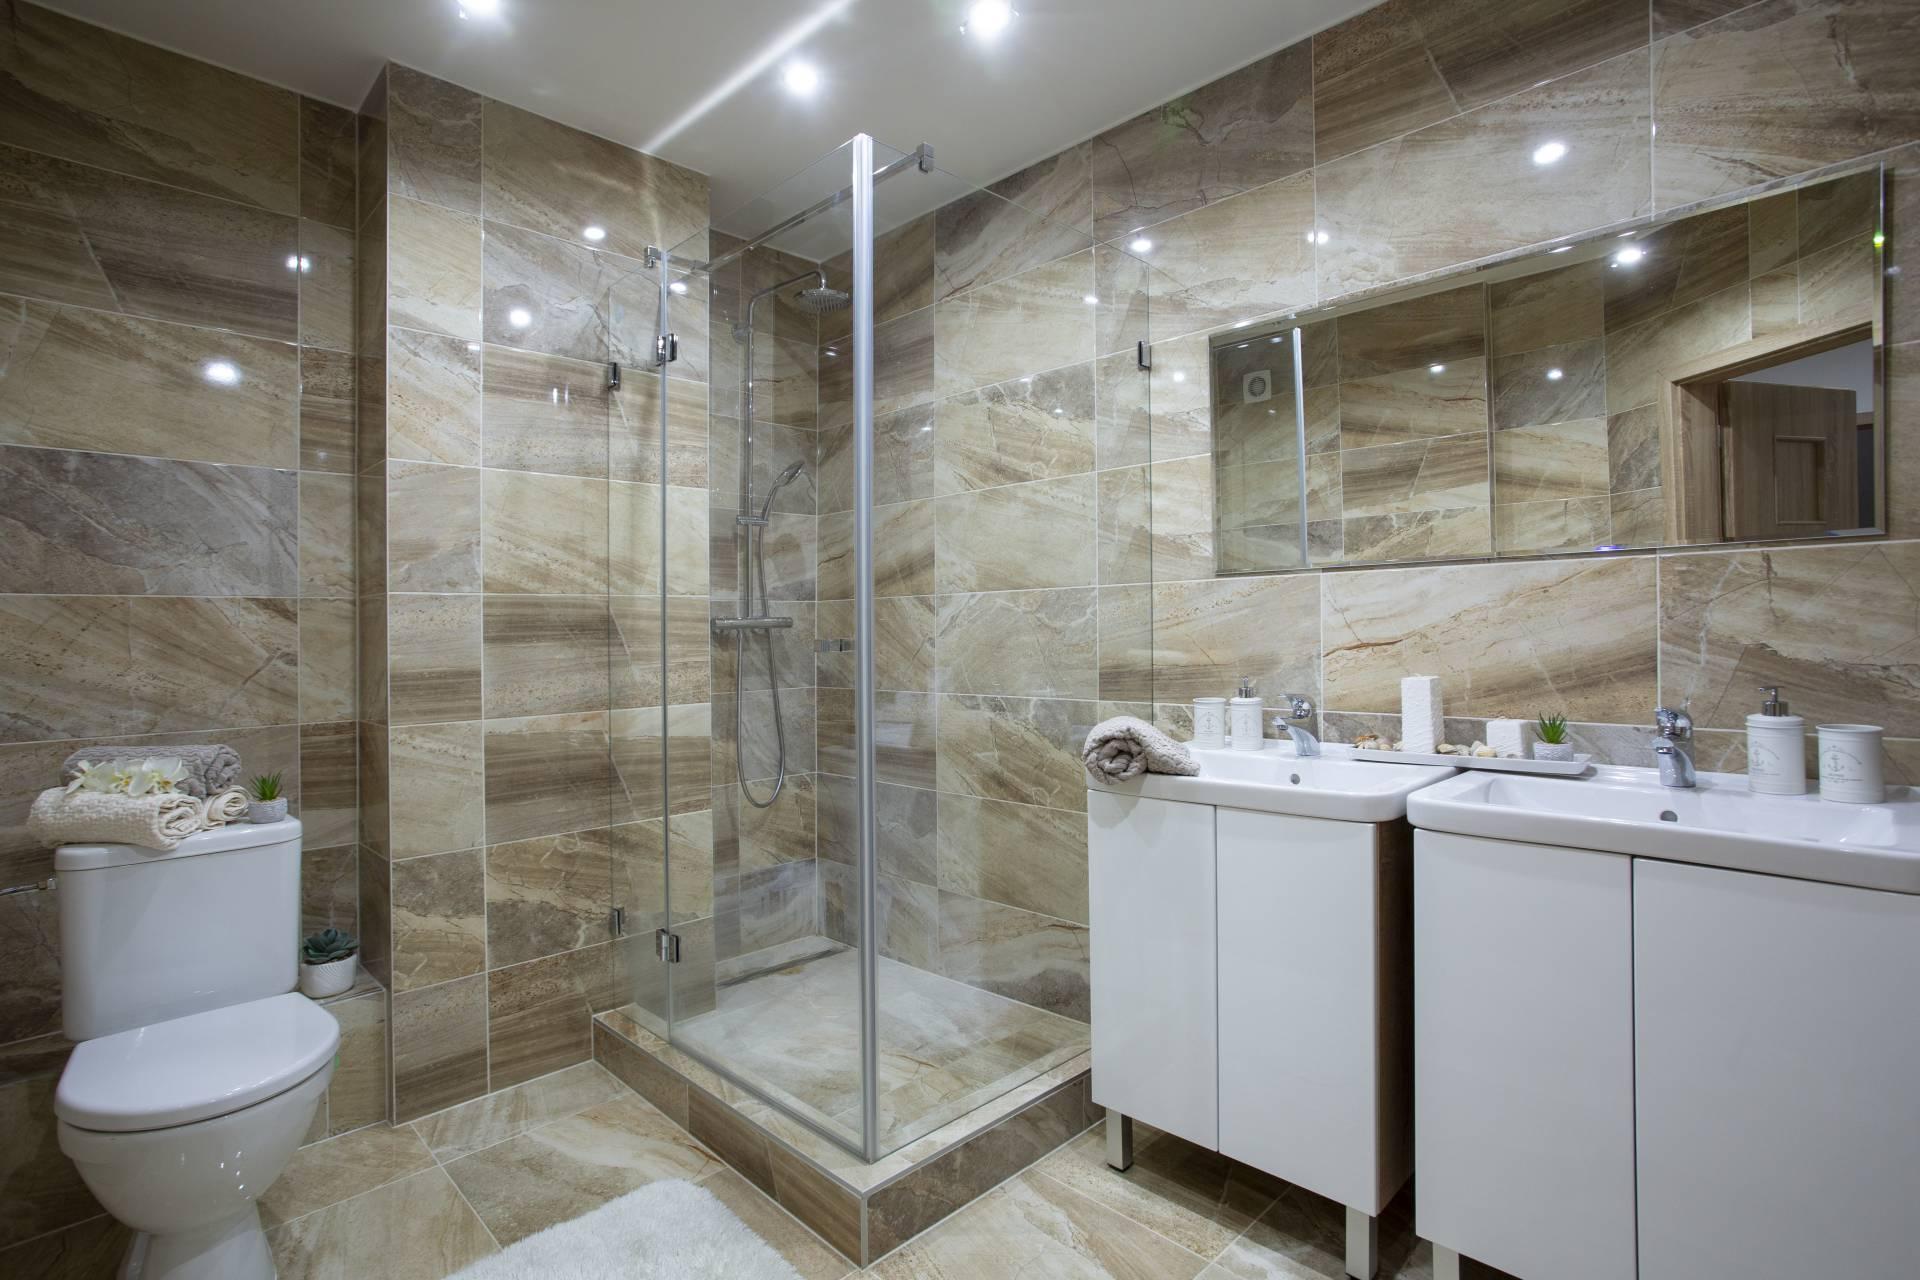 Predaj bytu (4 izbový) 95 m2, Nitra - 4i exkluzívny byt, Mostná. Kupelna